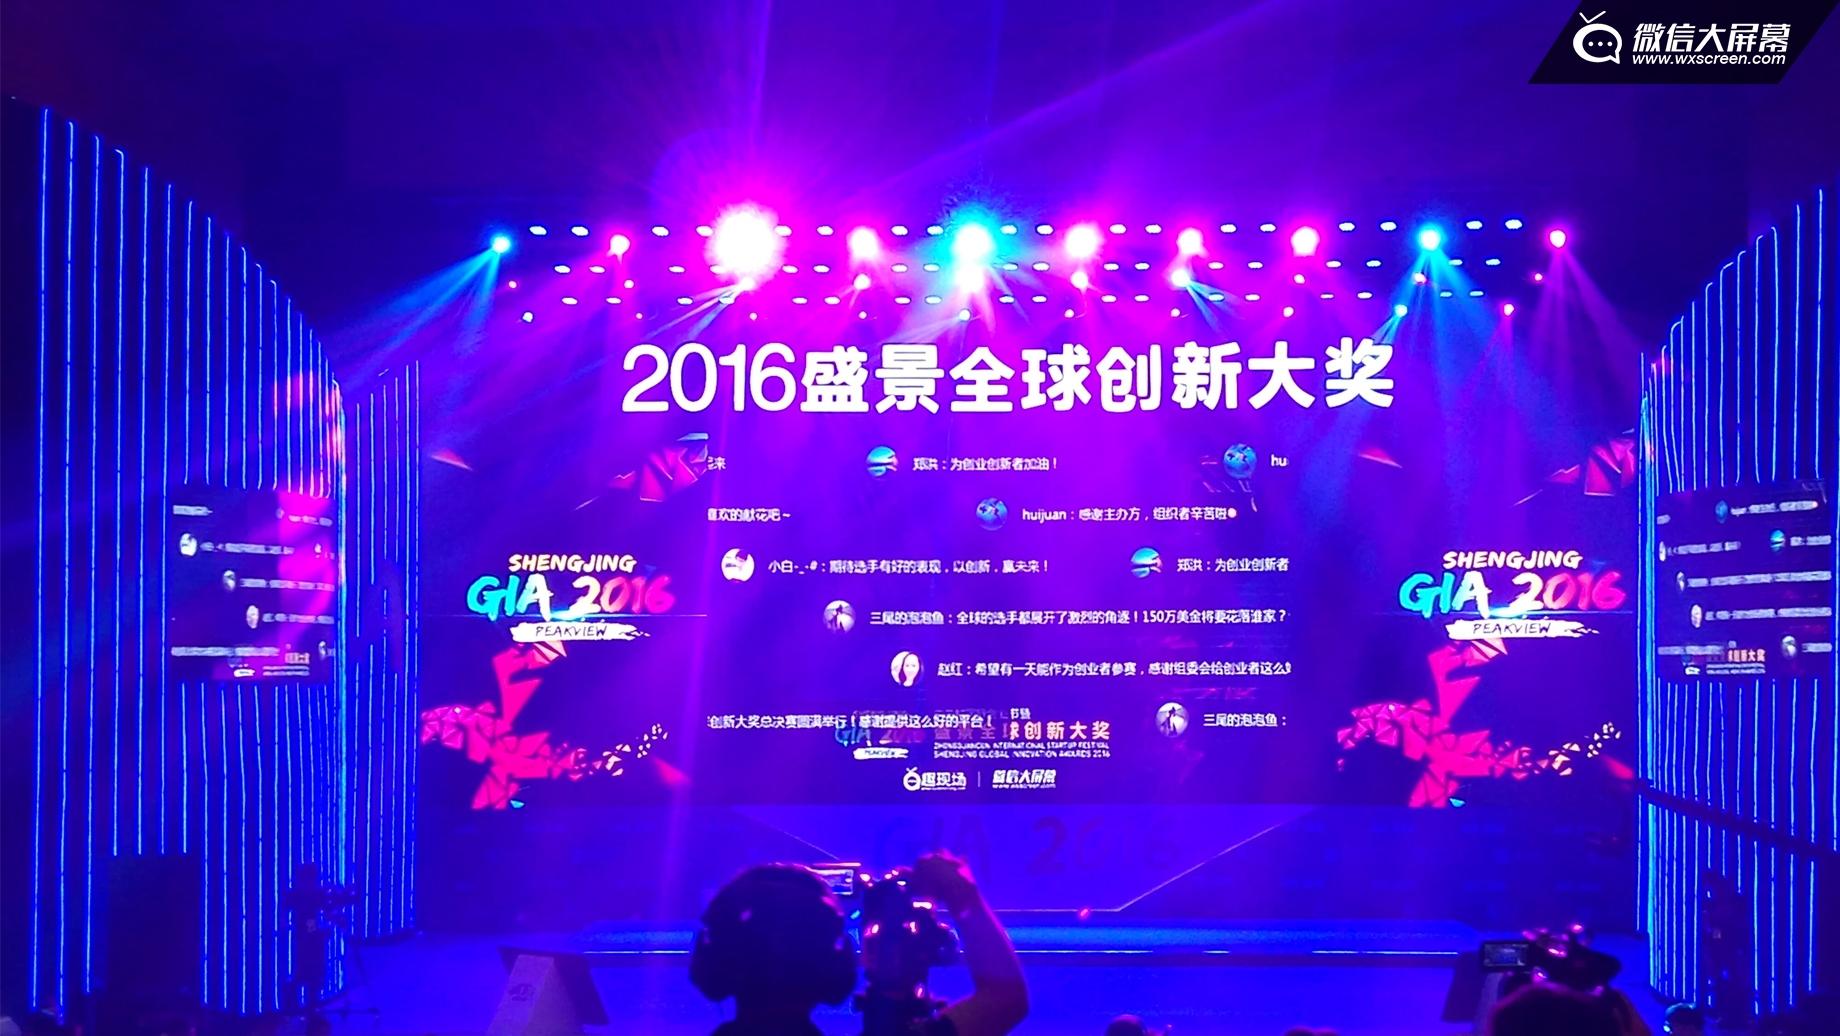 盛景全球创新大奖全球总决赛 趣现场给力互动